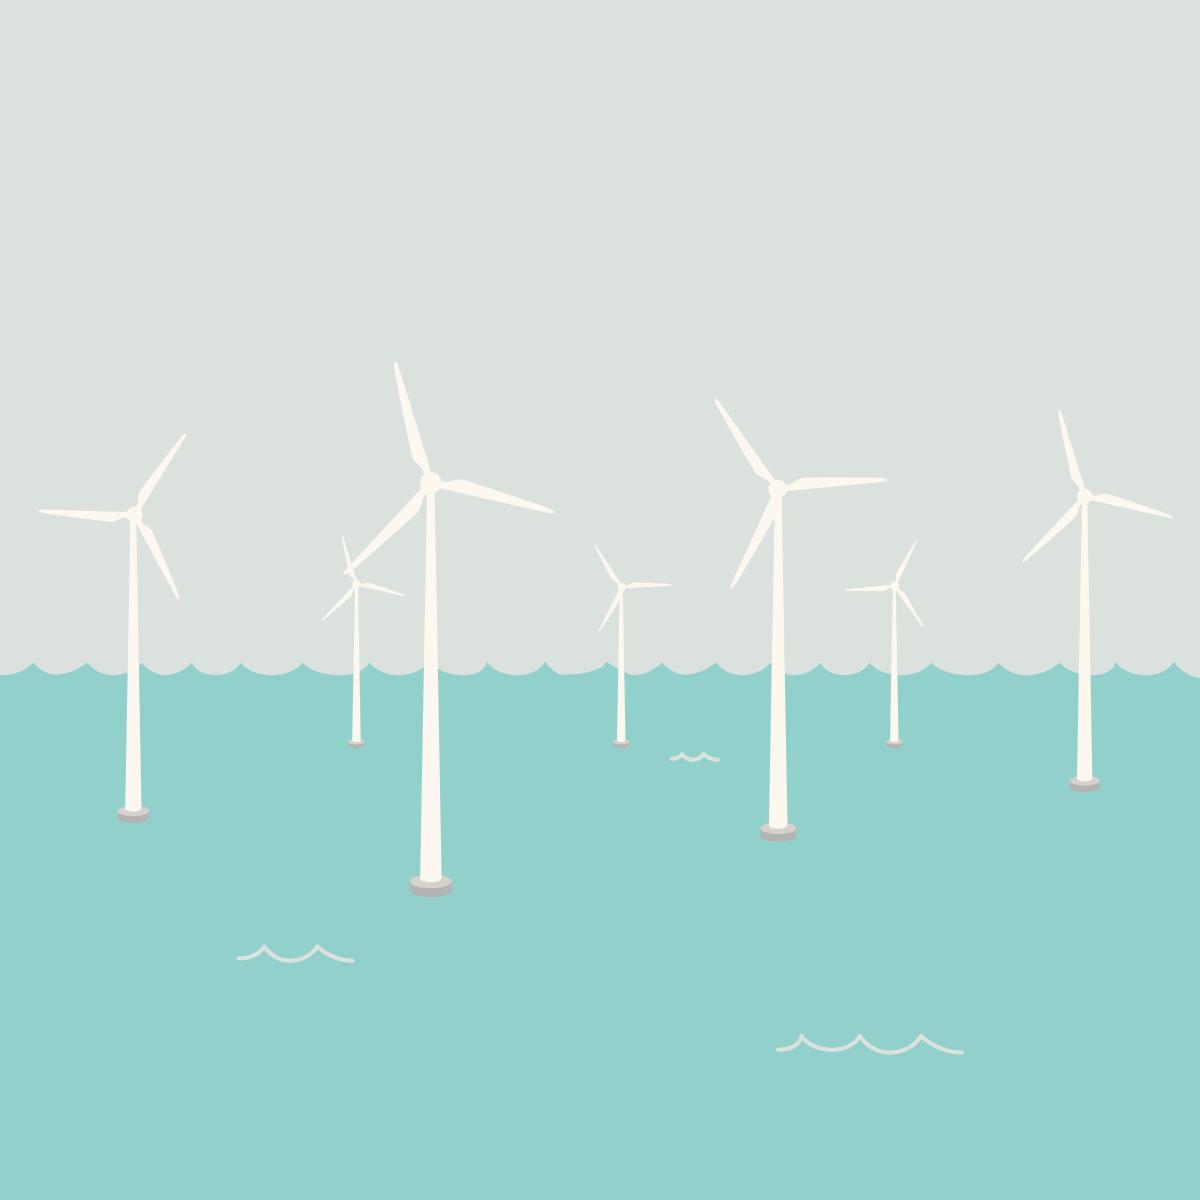 82 wind farms